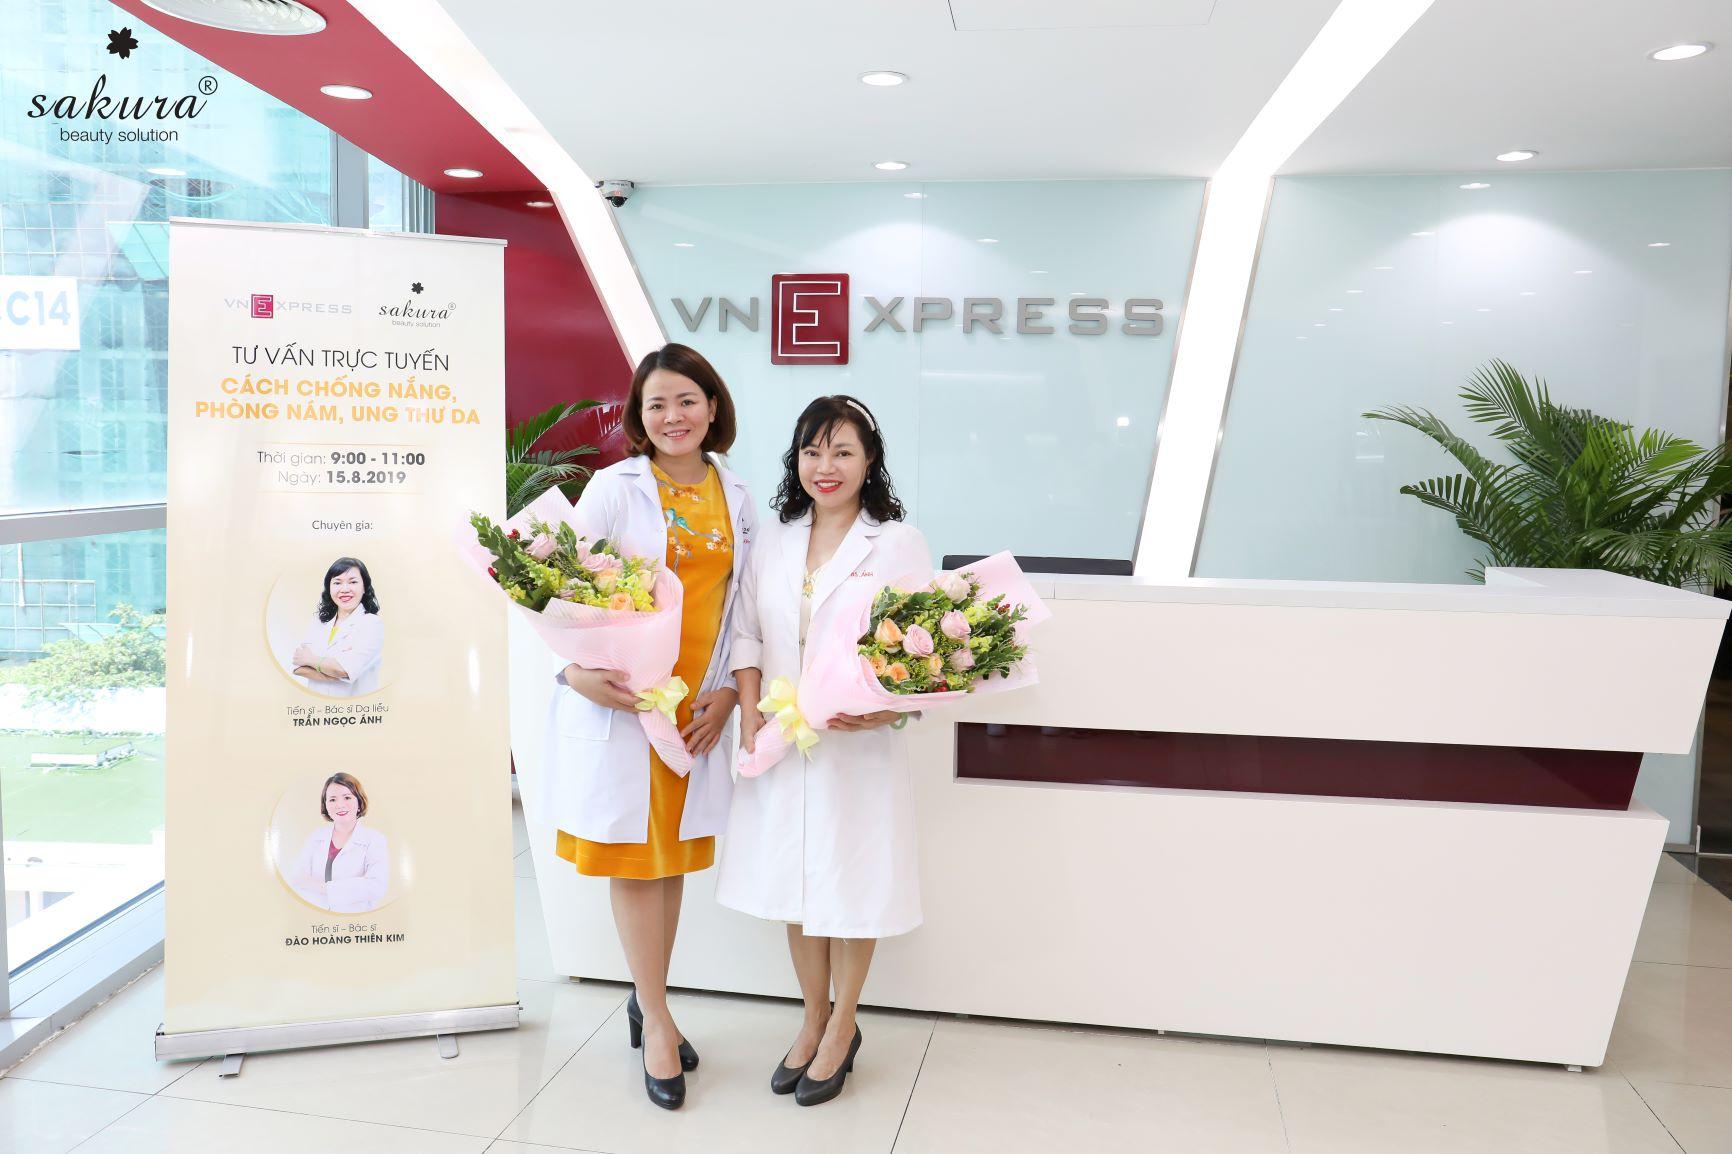 Tư vấn trực tuyến cùng chuyên gia bác sĩ Sakura: Cách chống nắng cực chuẩn, phòng ngừa tình trạng nám và ngăn chặn ung thư da